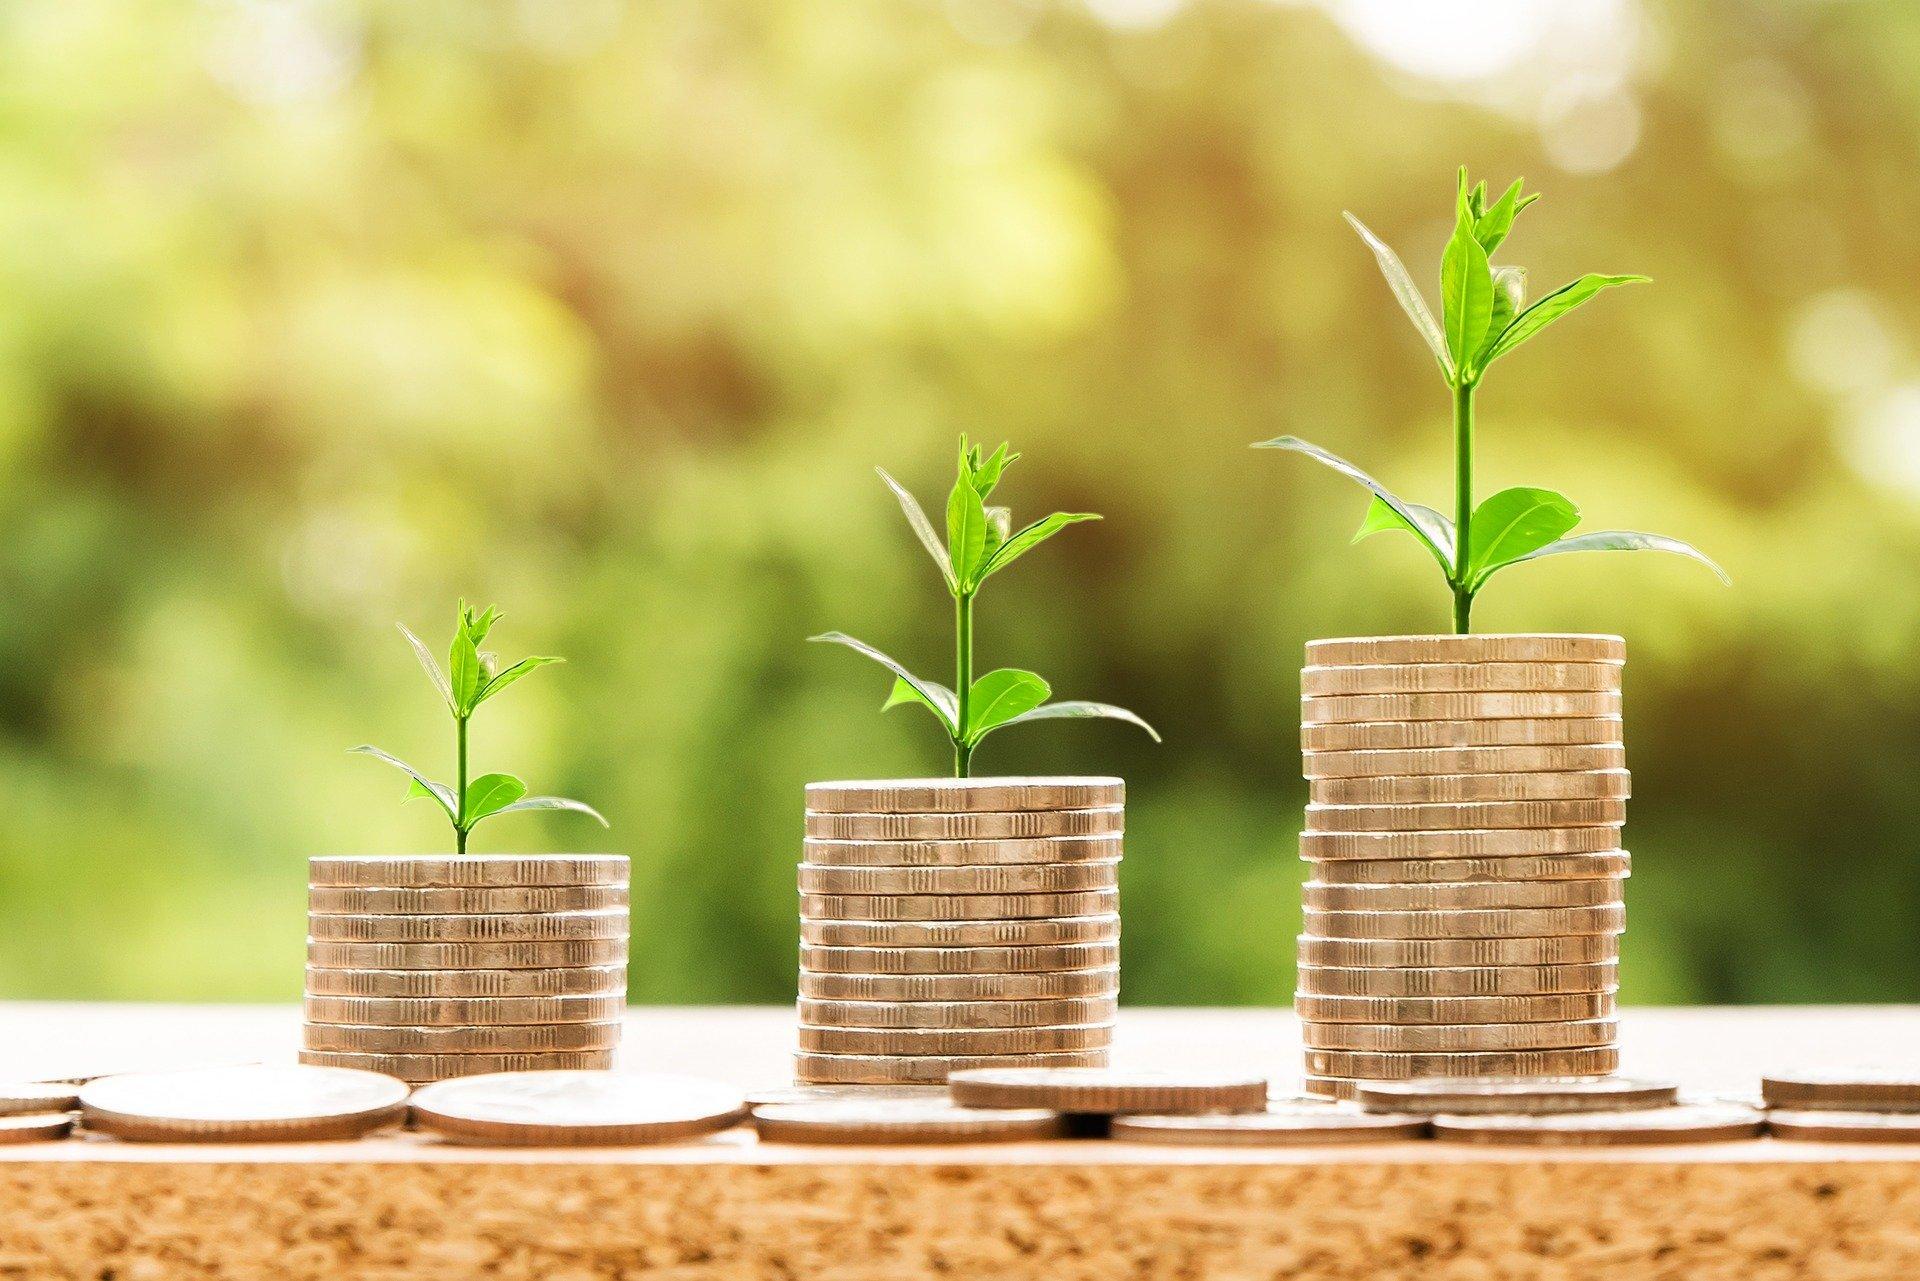 Grantly - Aktualni občinski razpisi: za sredstva lahko zaprosijo občani in nevladne organizacije